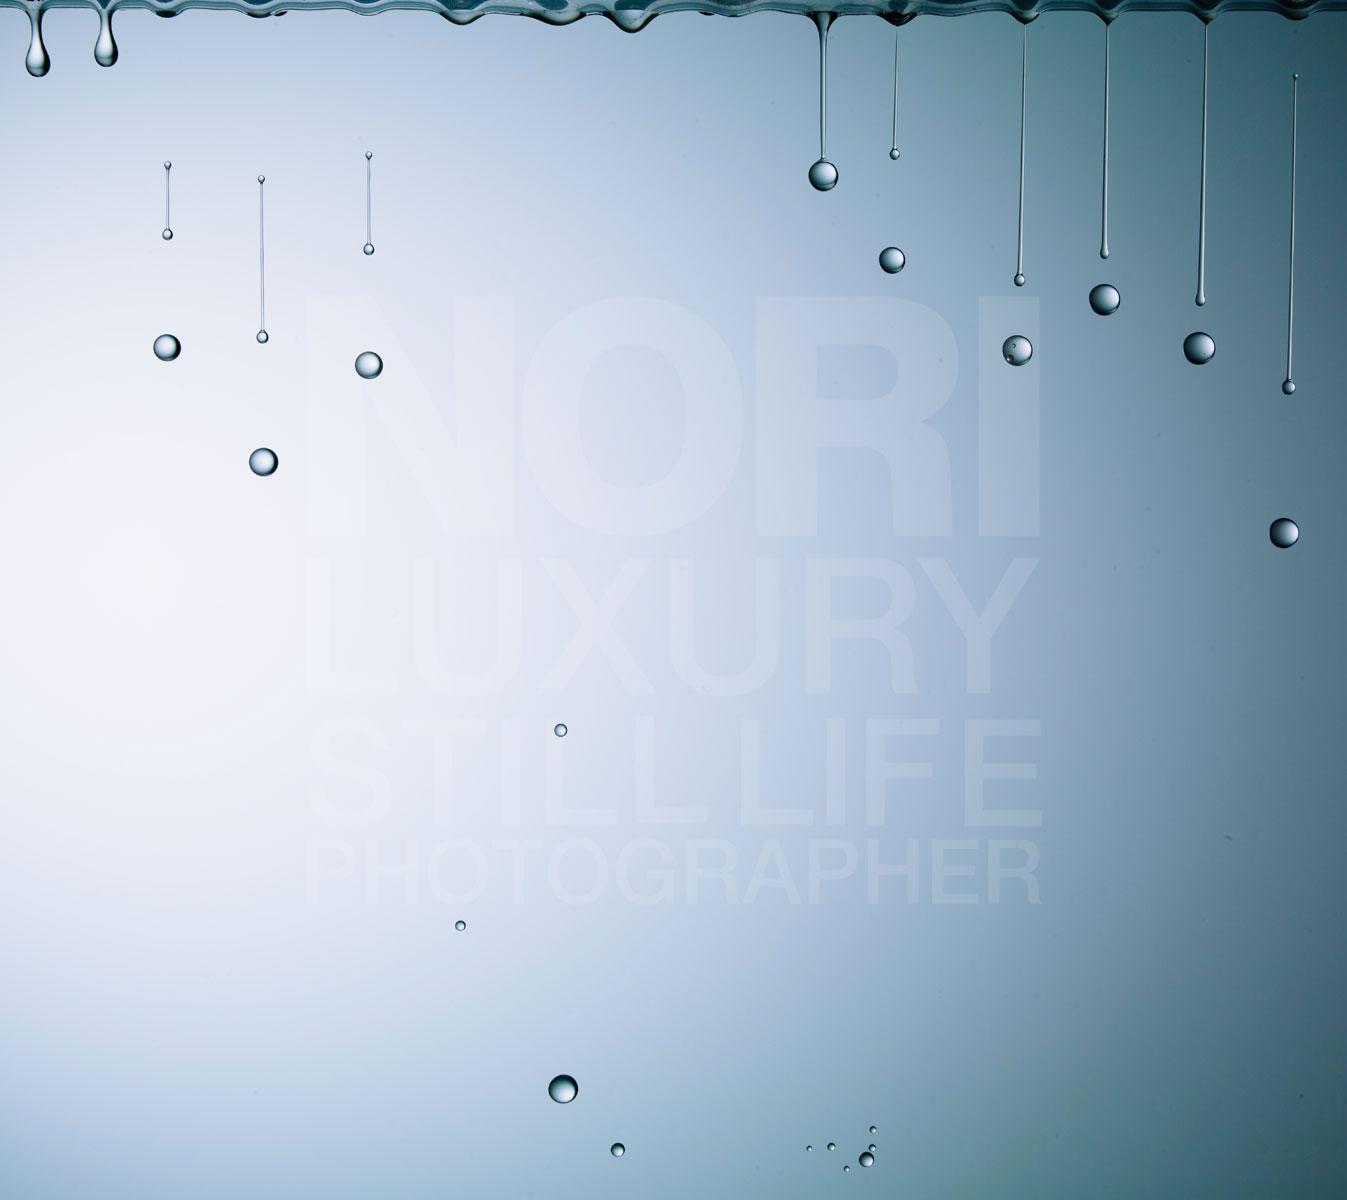 61d_091110_waterdrop-17893.jpg